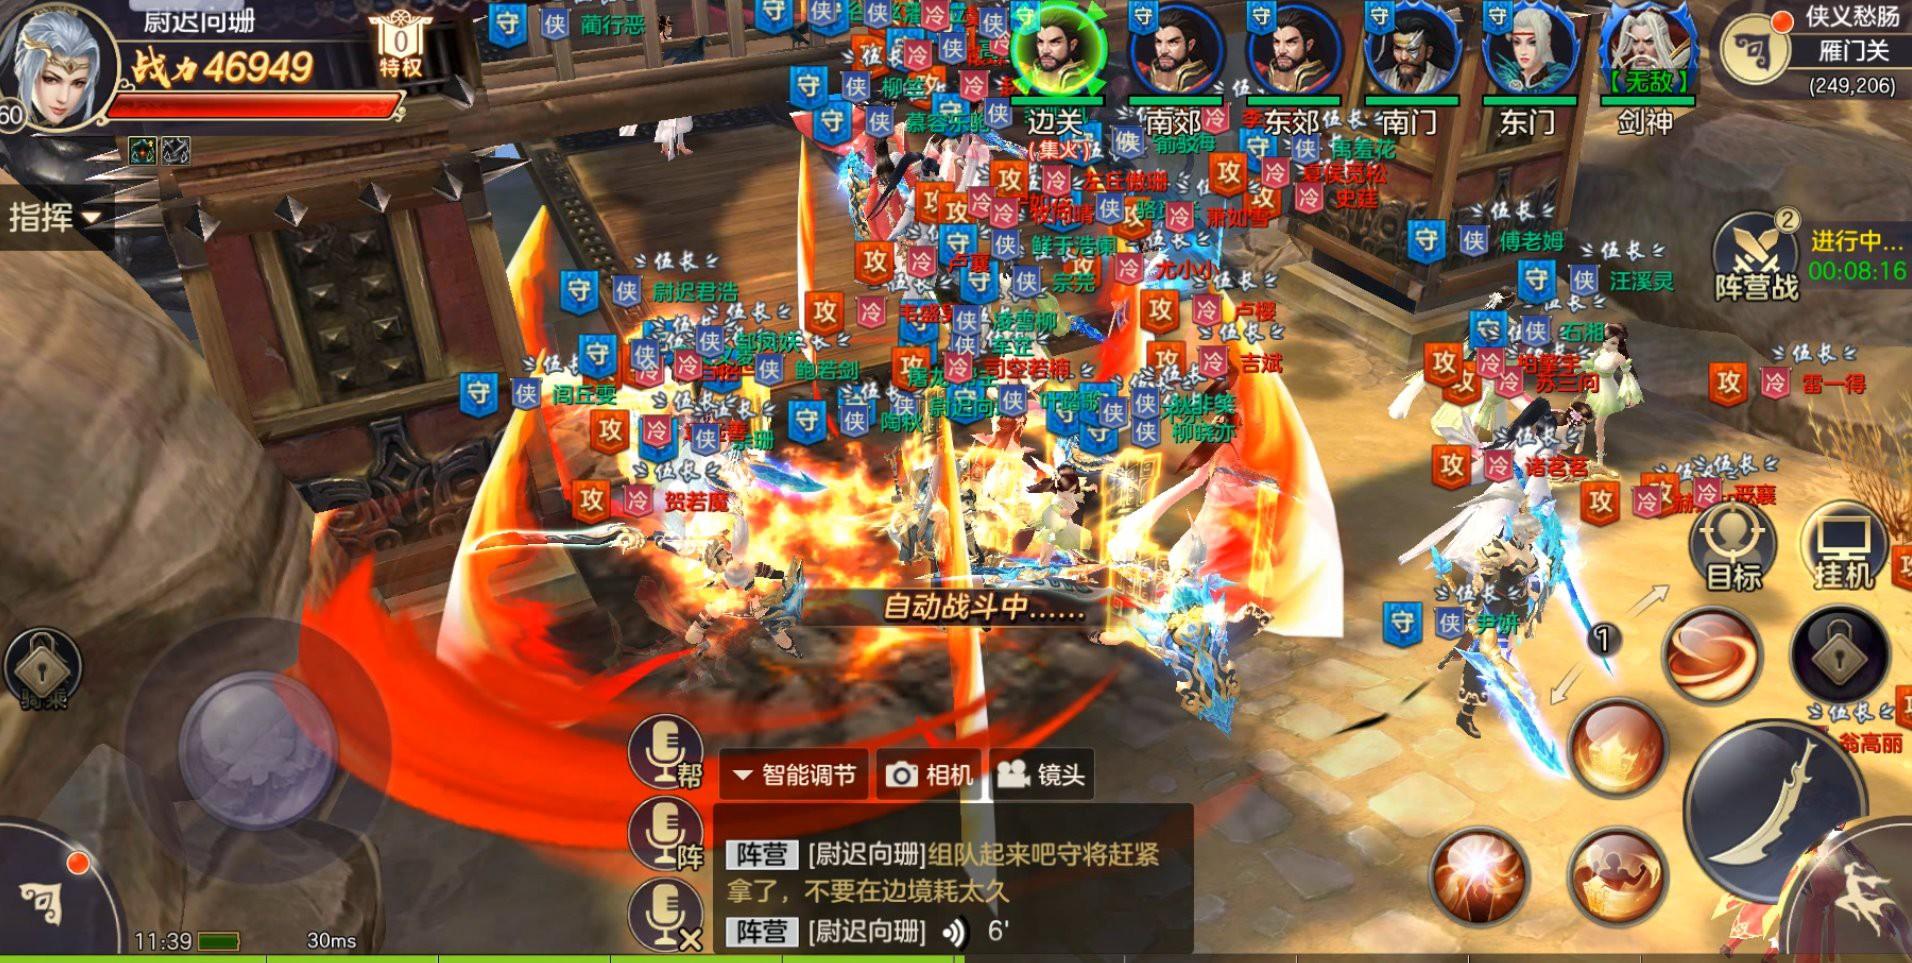 Tiêu Dao Mobile hé lộ Siêu chiến trường Tống – Kim – Liêu – Đại Lý - 2